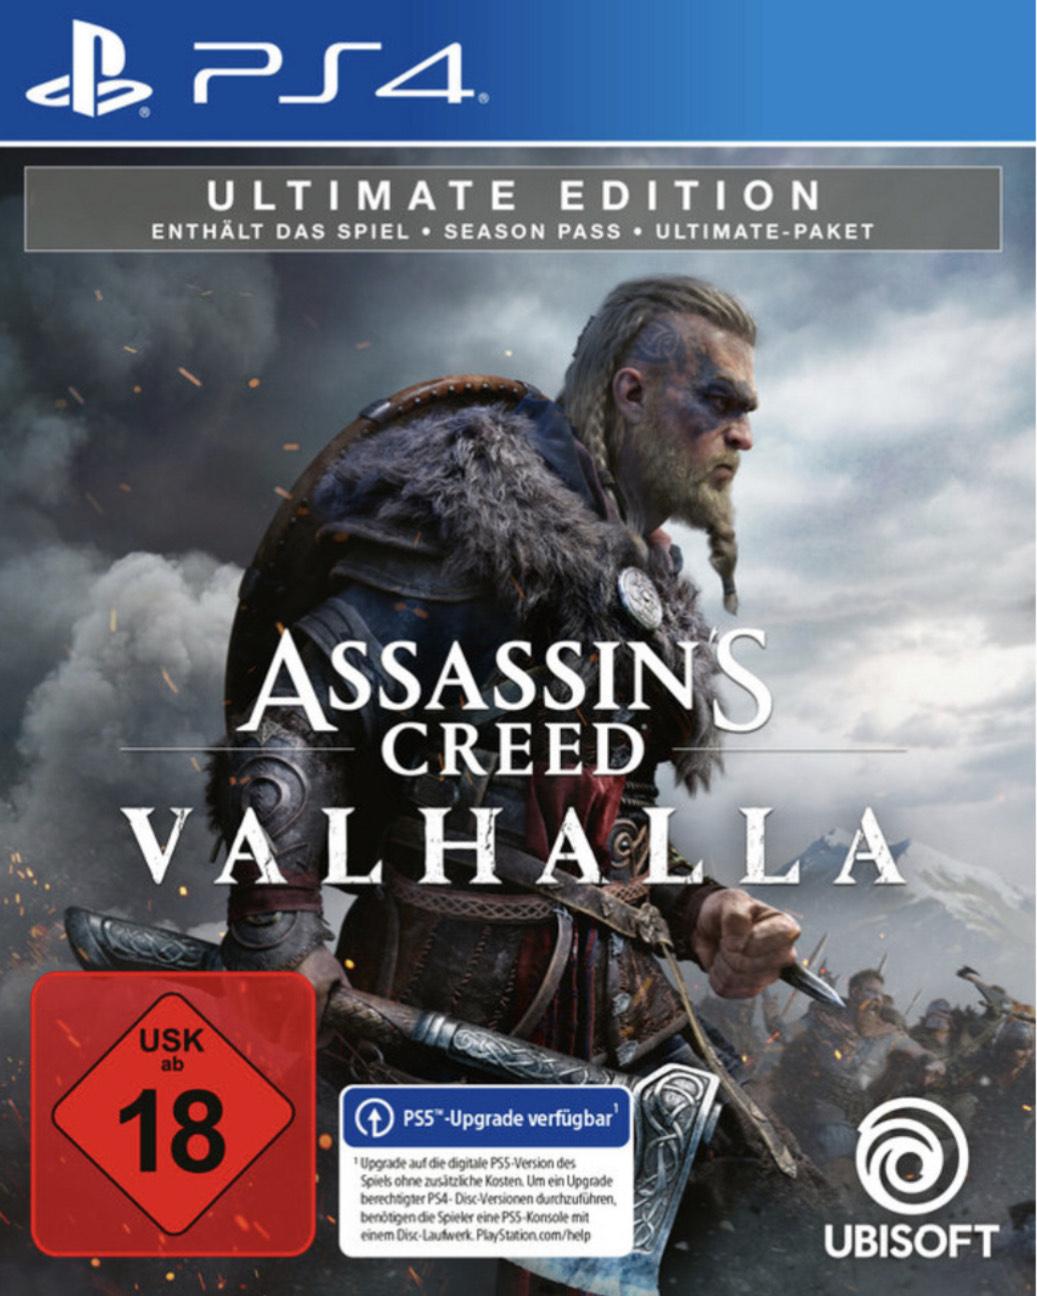 Assassin's Creed Valhalla (Ultimate Edition) (Lokal, PS4) Standard 55,99 App Gutschein 5€ möglich